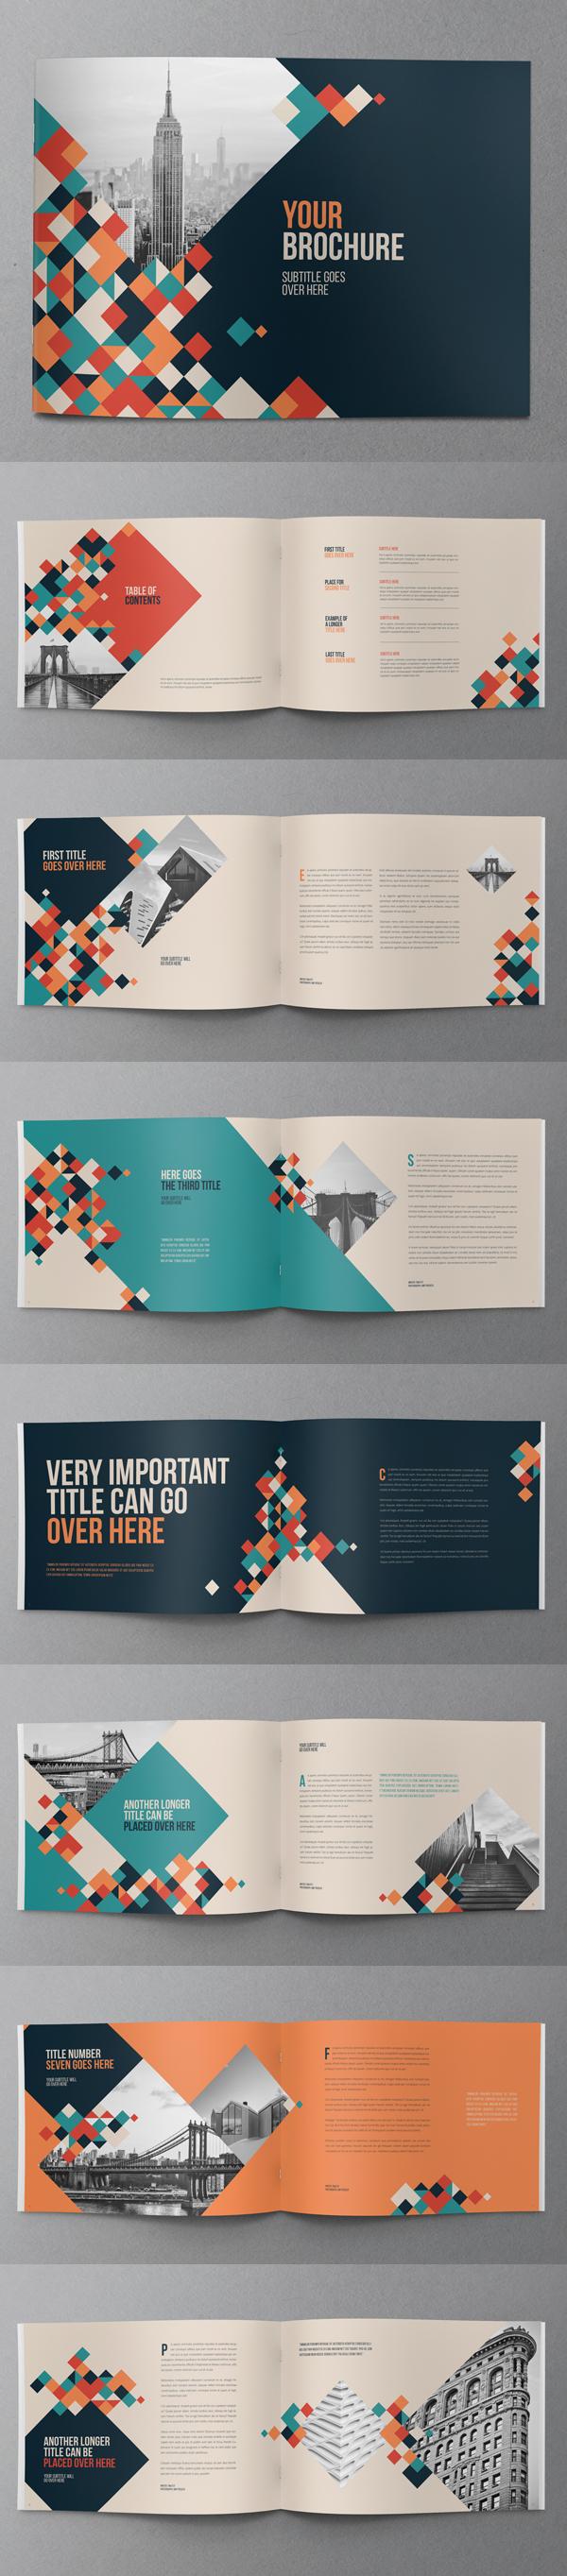 上海画册设计公司创意画册- 创意七彩色块宣传画册设计模版